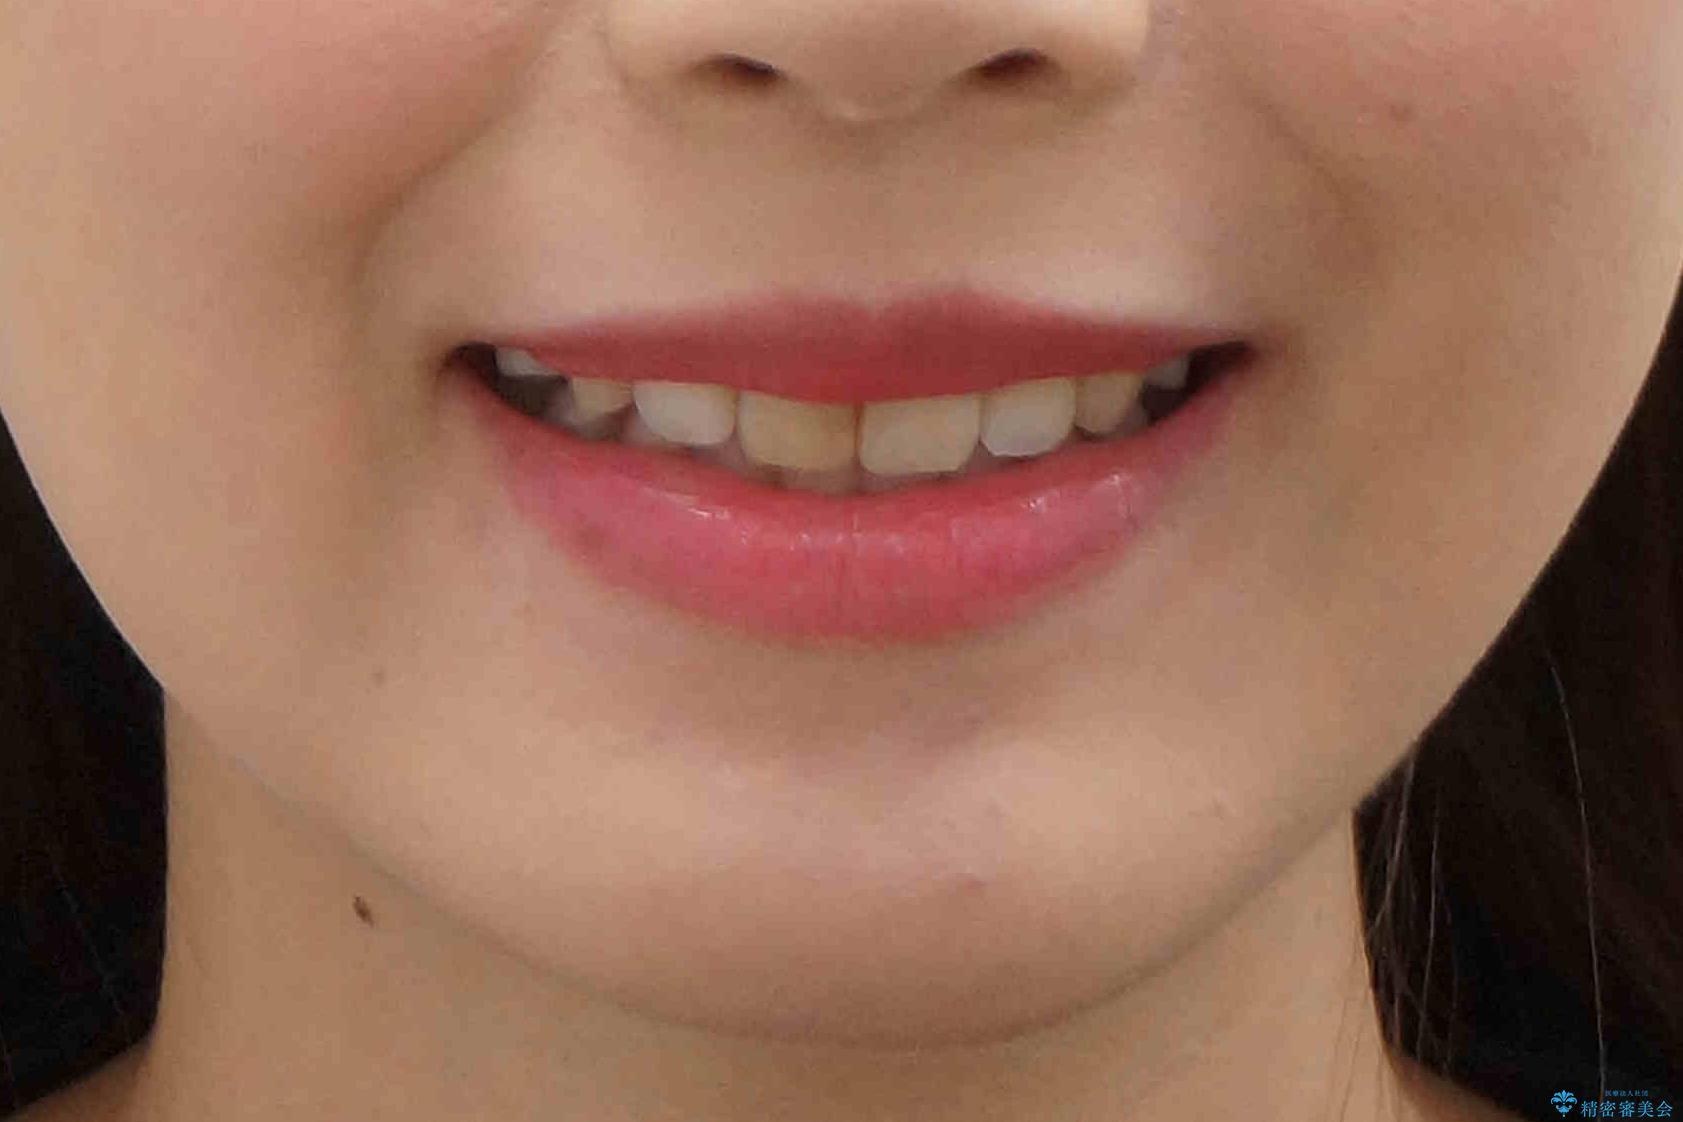 八重歯 前歯のがたがた 抜歯してワイヤー矯正の治療後(顔貌)